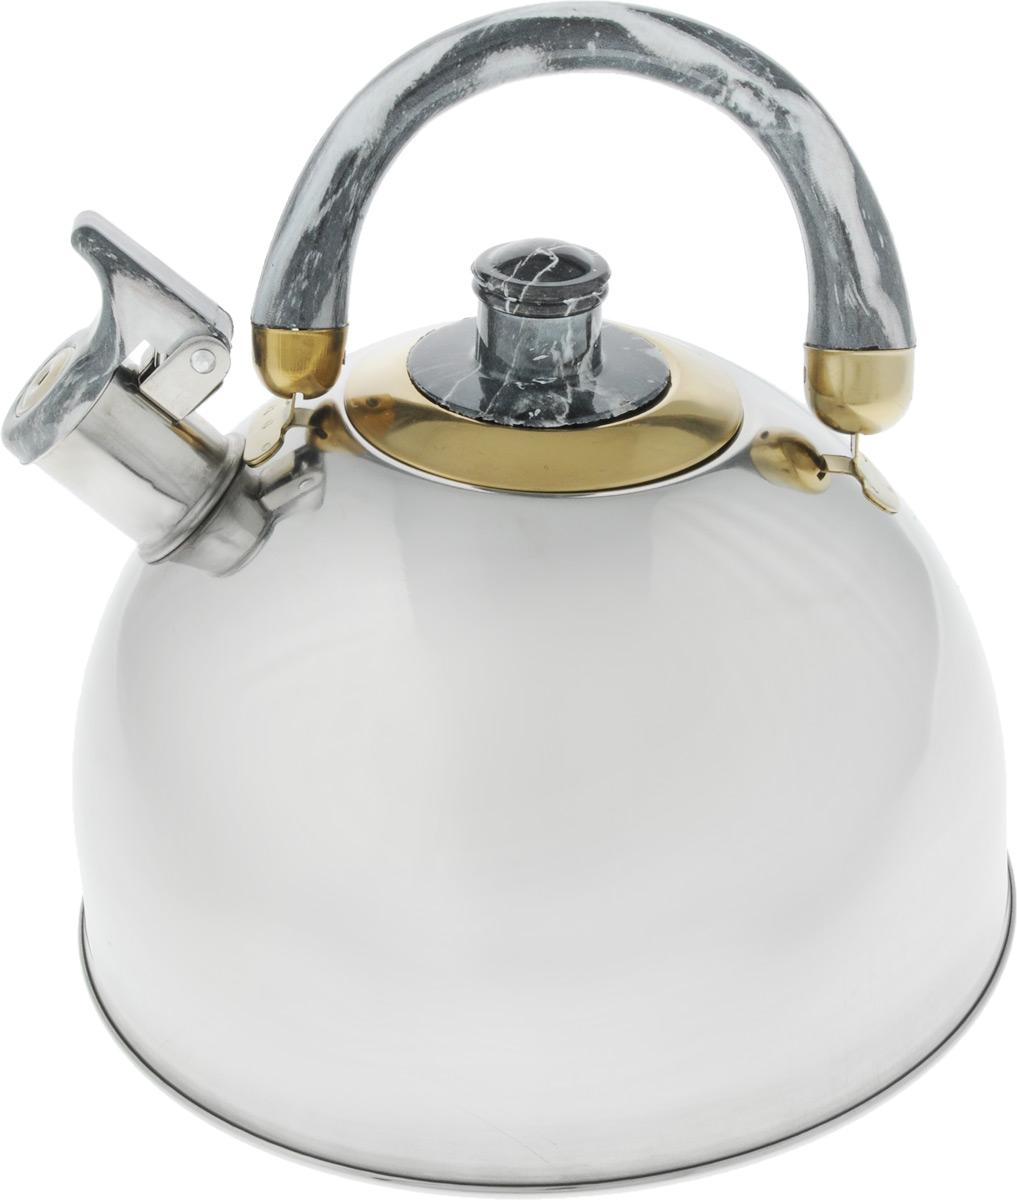 Чайник Bohmann Lite, со свистком, цвет: светло-серый, 4,5 л94672Чайник Bohmann Lite изготовлен из коррозионностойкой стали с зеркальной полировкой. Это материал, зарекомендовавший себя как идеально подходящий для изготовления кухонной посуды, столовых приборов и аксессуаров. Прочность, надежность, стойкость к кислотам и привлекательный внешний вид - основные свойства этого материала. Подвижная ручка, выполненная из термостойкого пластика под мрамор, обеспечивает комфортную эксплуатацию. Носик чайника оборудован свистком, который громким сигналом оповестит о закипании воды. Серия Lite - это посуда из стали, легкая и экономичная. Доступна для широкого круга потребителей, оптимальна по цене и качеству. Подходит для любой кухни, привлекательна по своим характеристикам, цене и практичности. Чайник подходит для электрических, газовых, галогеновых и стеклокерамических плит. Изделие можно мыть в посудомоечной машине. Диаметр (по верхнему краю): 8,5 см. Диаметр основания: 22 см. Высота чайника (без учета ручки и крышки): 12,5 см.